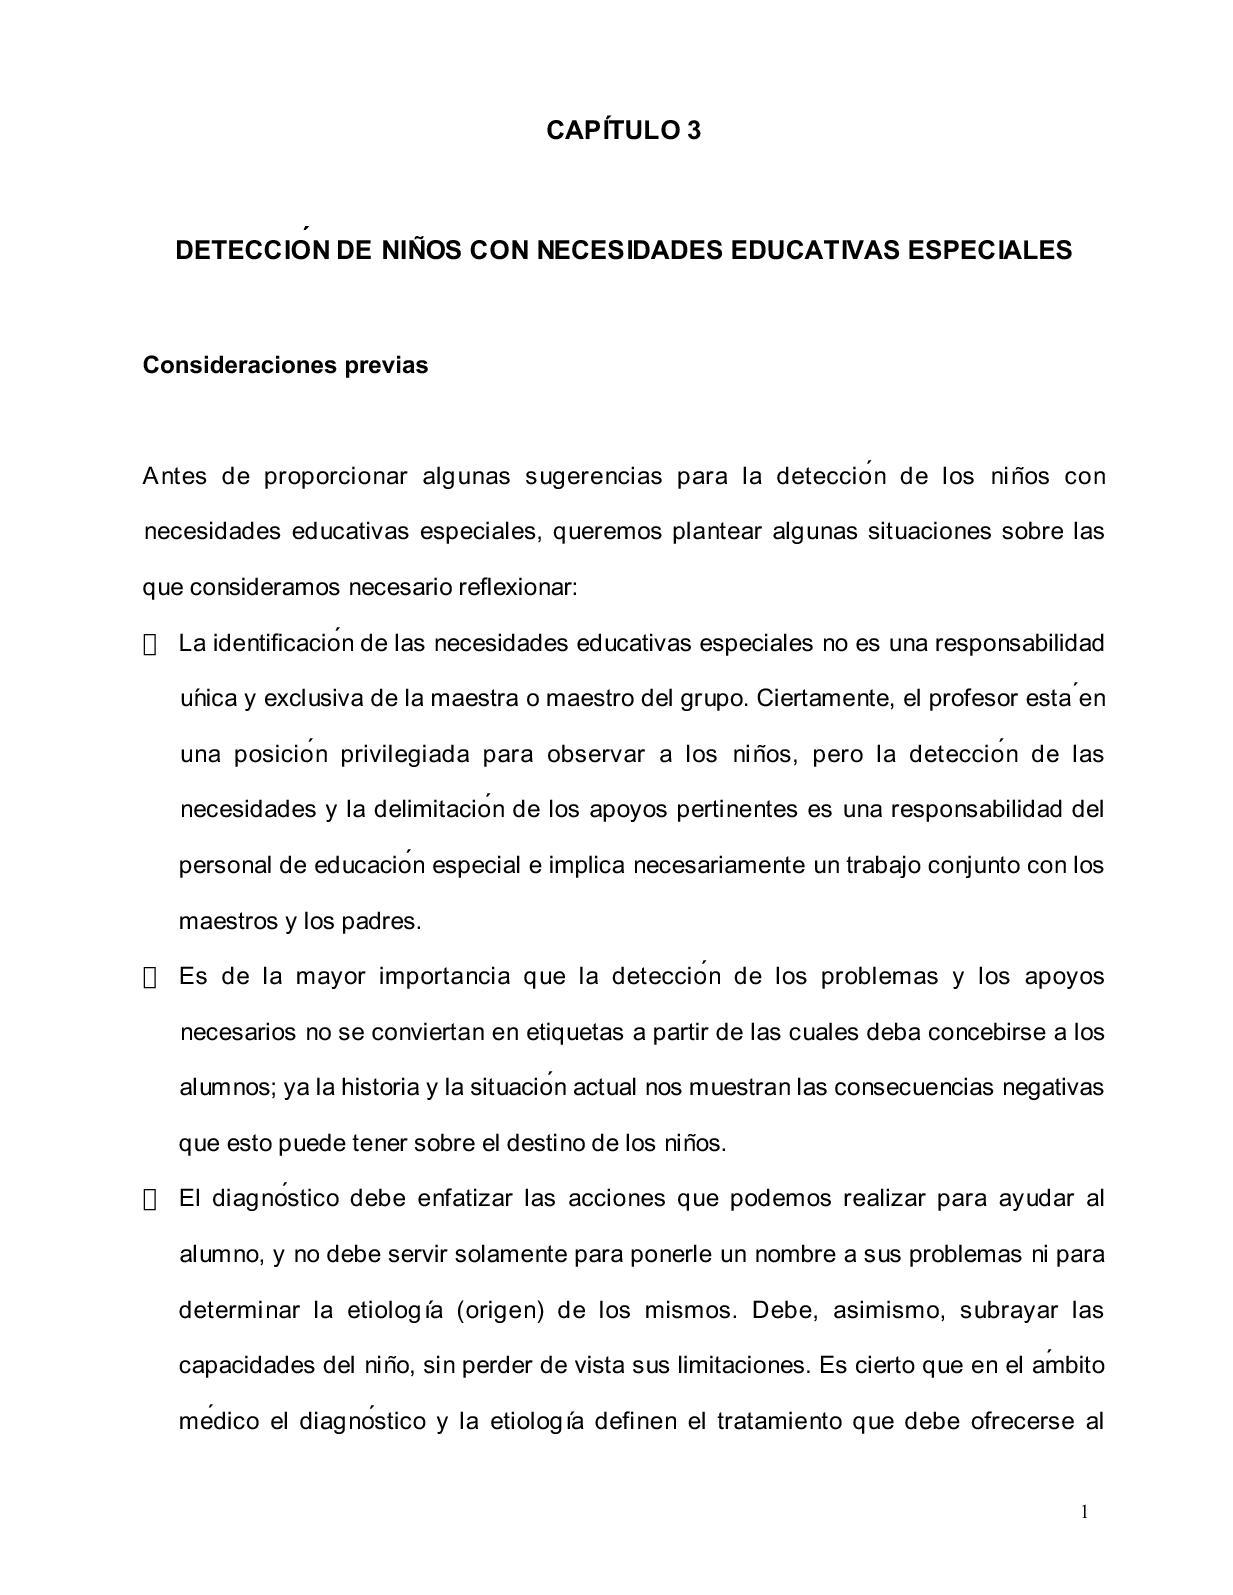 Calaméo - Deteccion De Niños Con Necesidades Educativa Especiales Cap 3